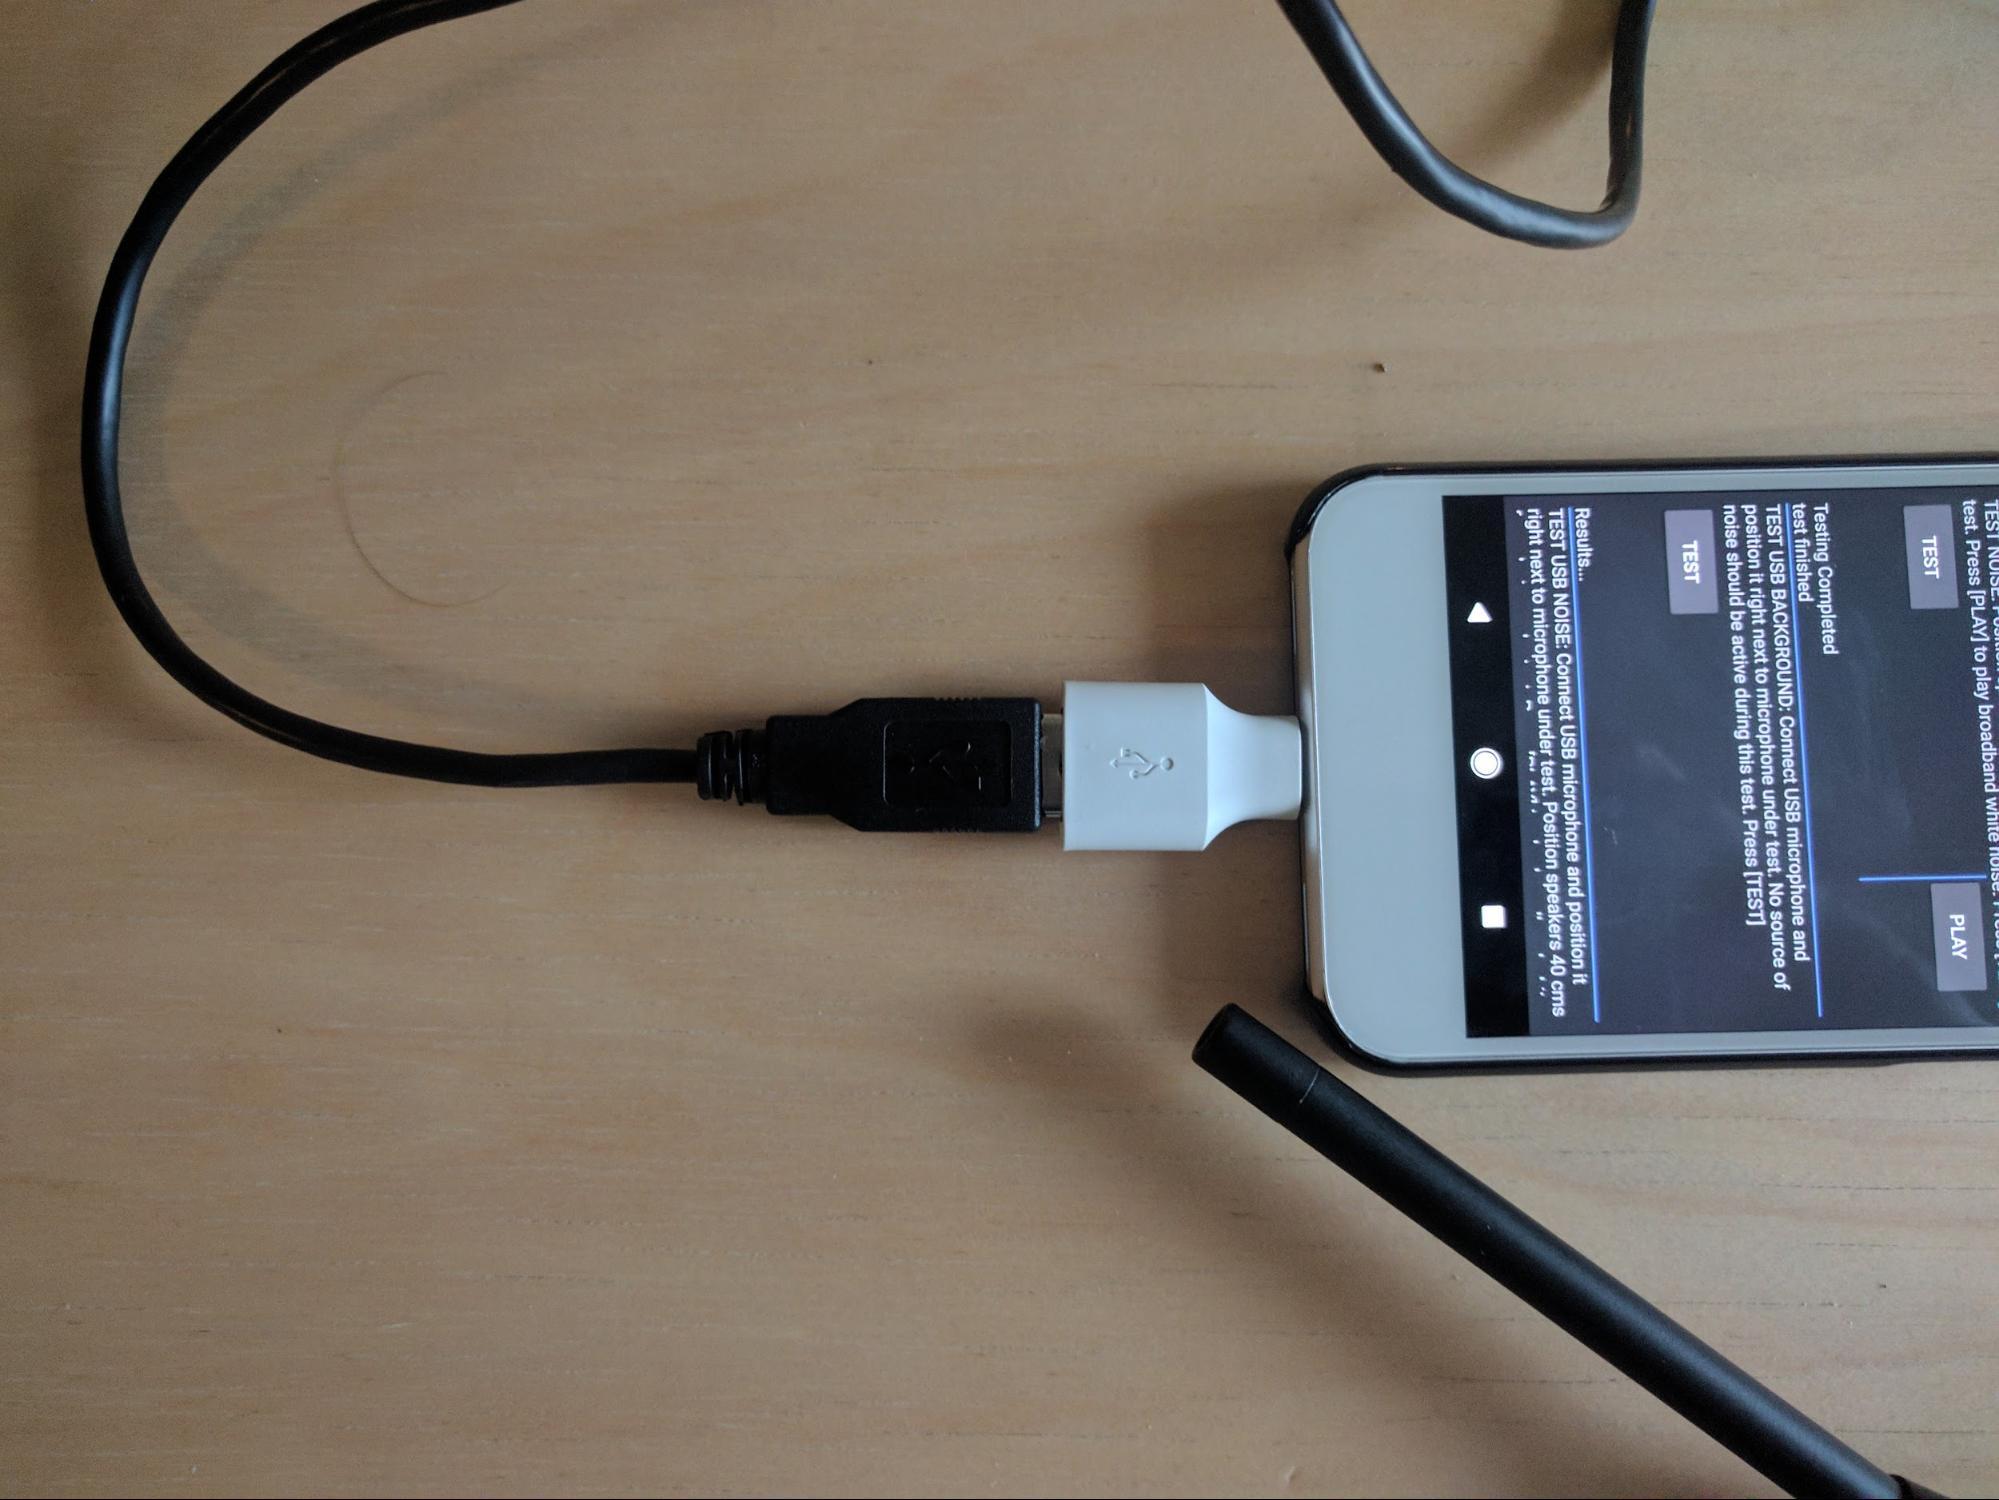 USB 参照麦克风照片